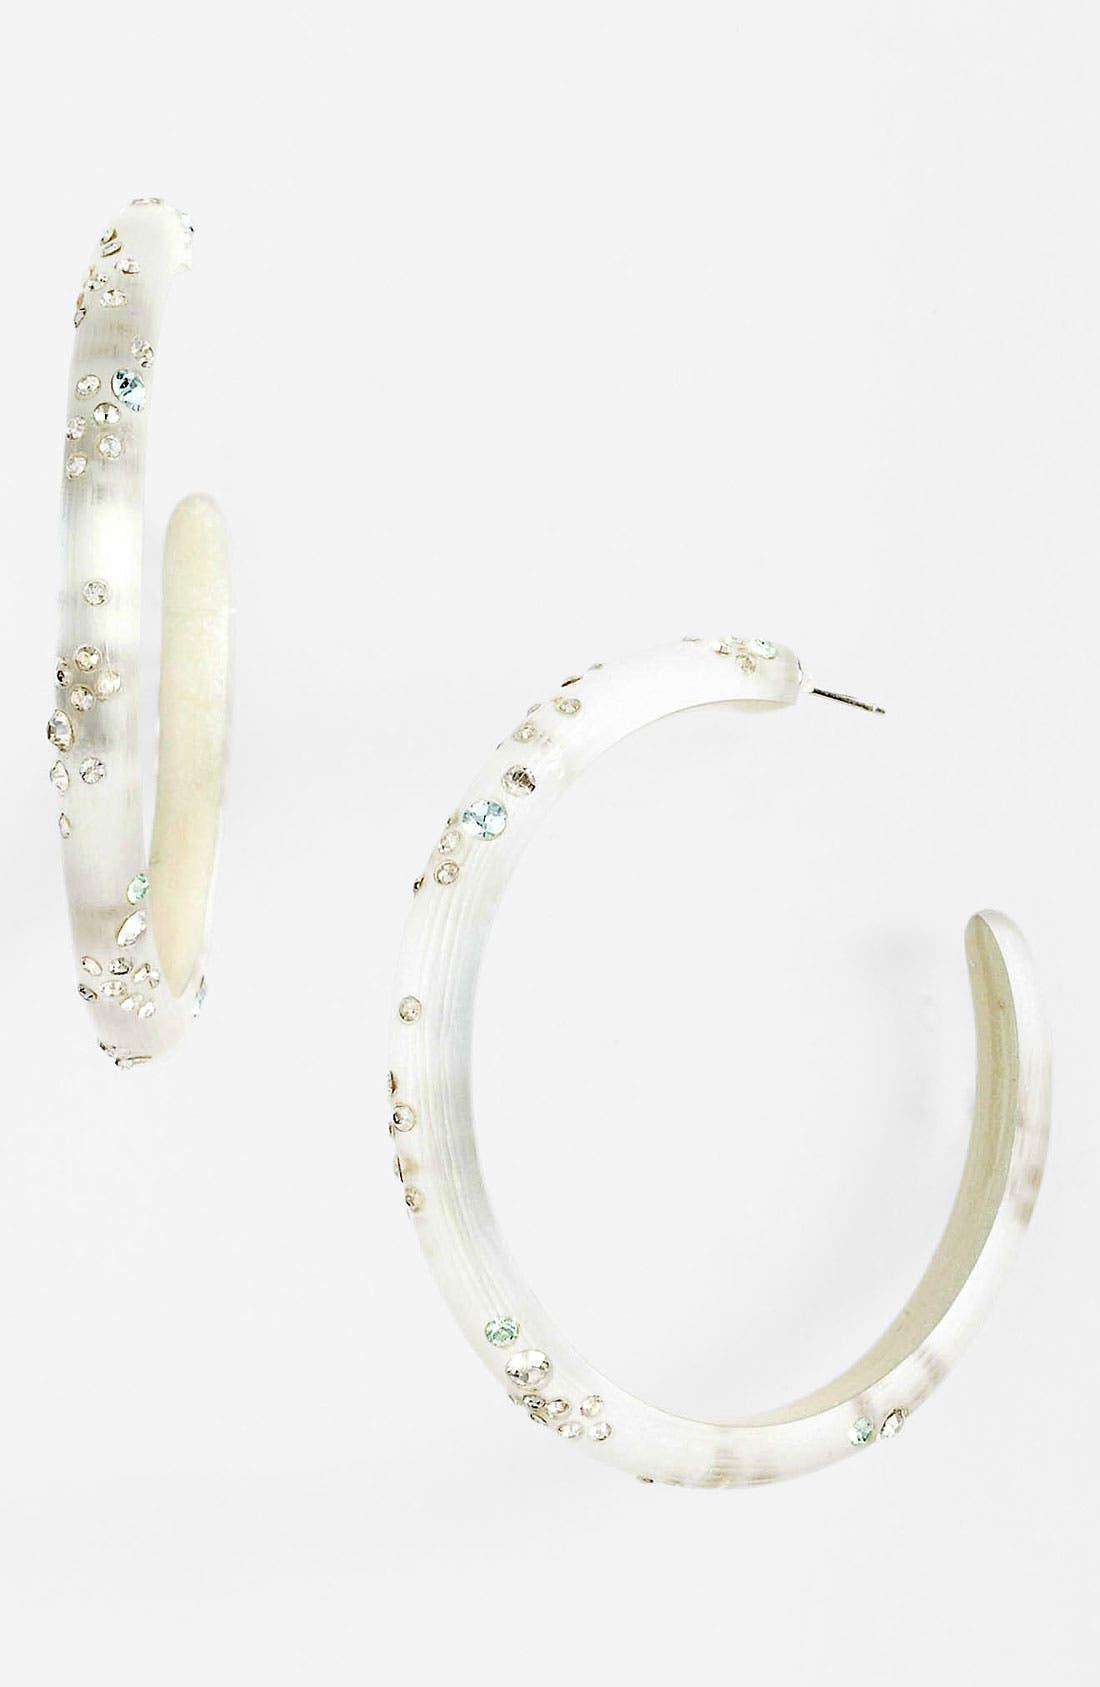 Alternate Image 1 Selected - Alexis Bittar 'Wanderlust Dust' Hoop Earrings